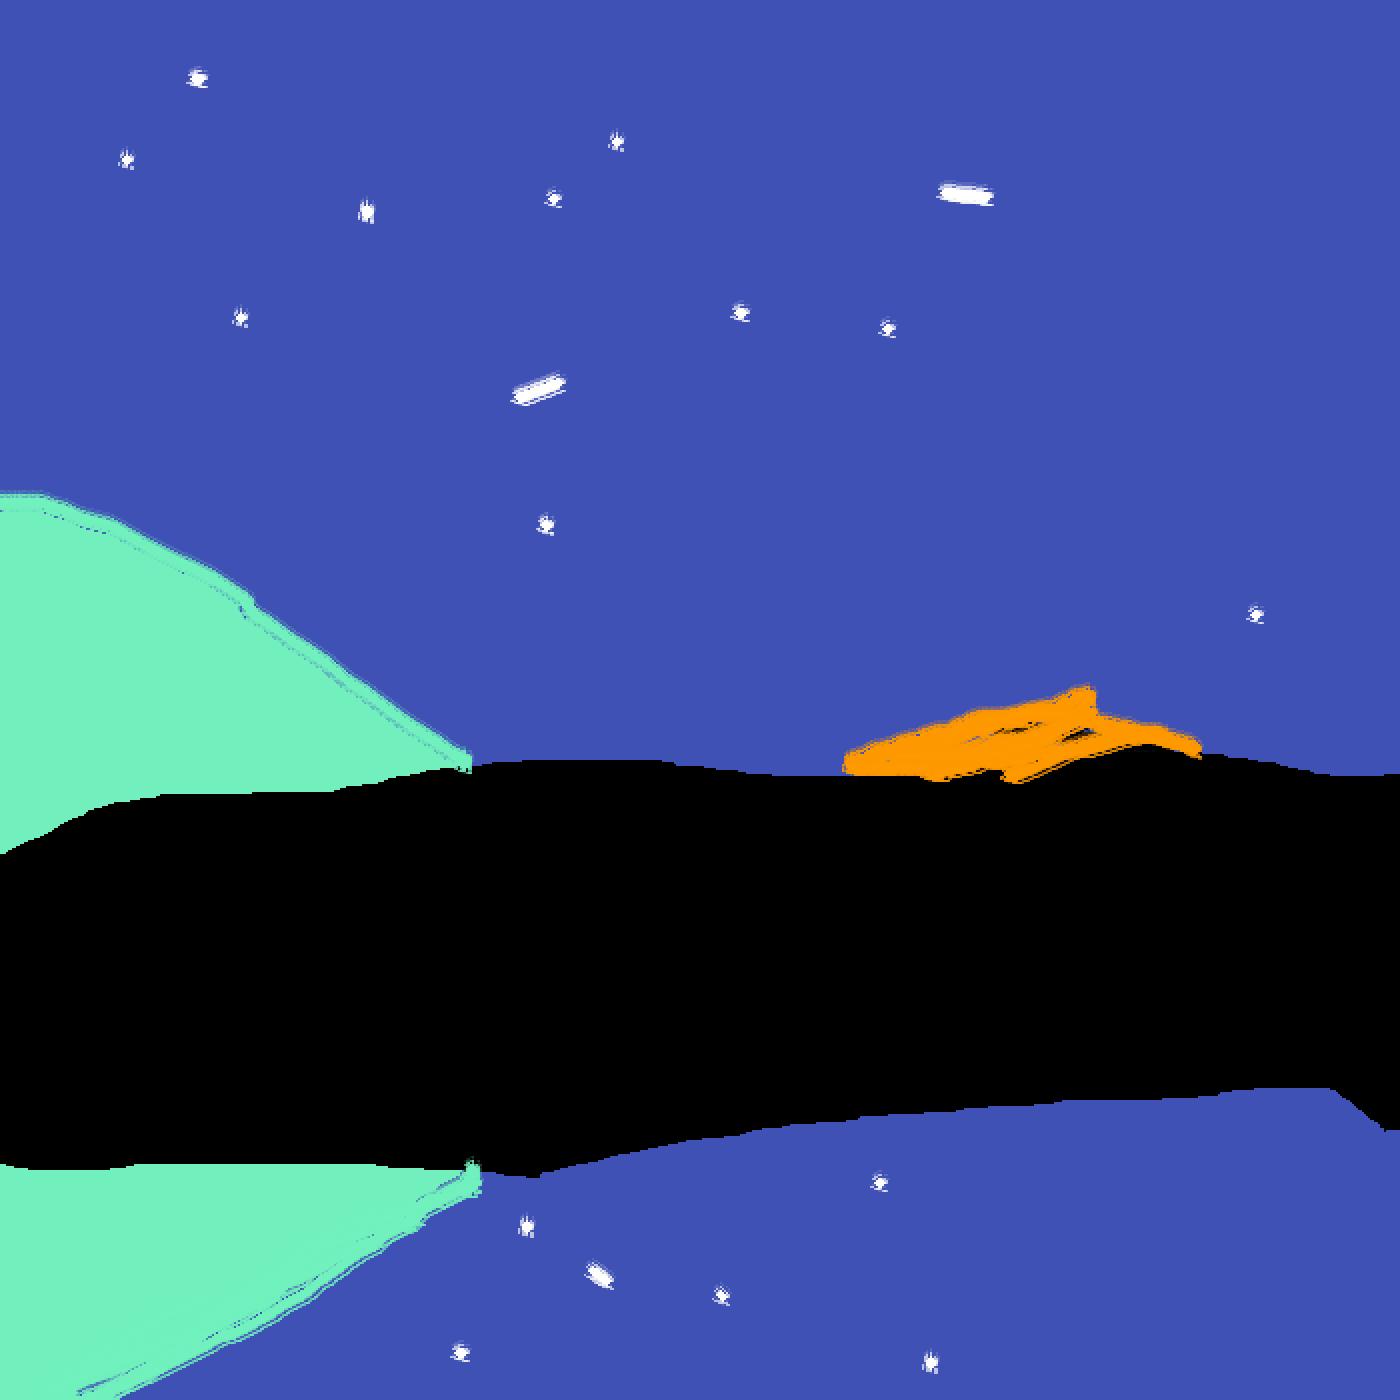 night sky by Luve4life